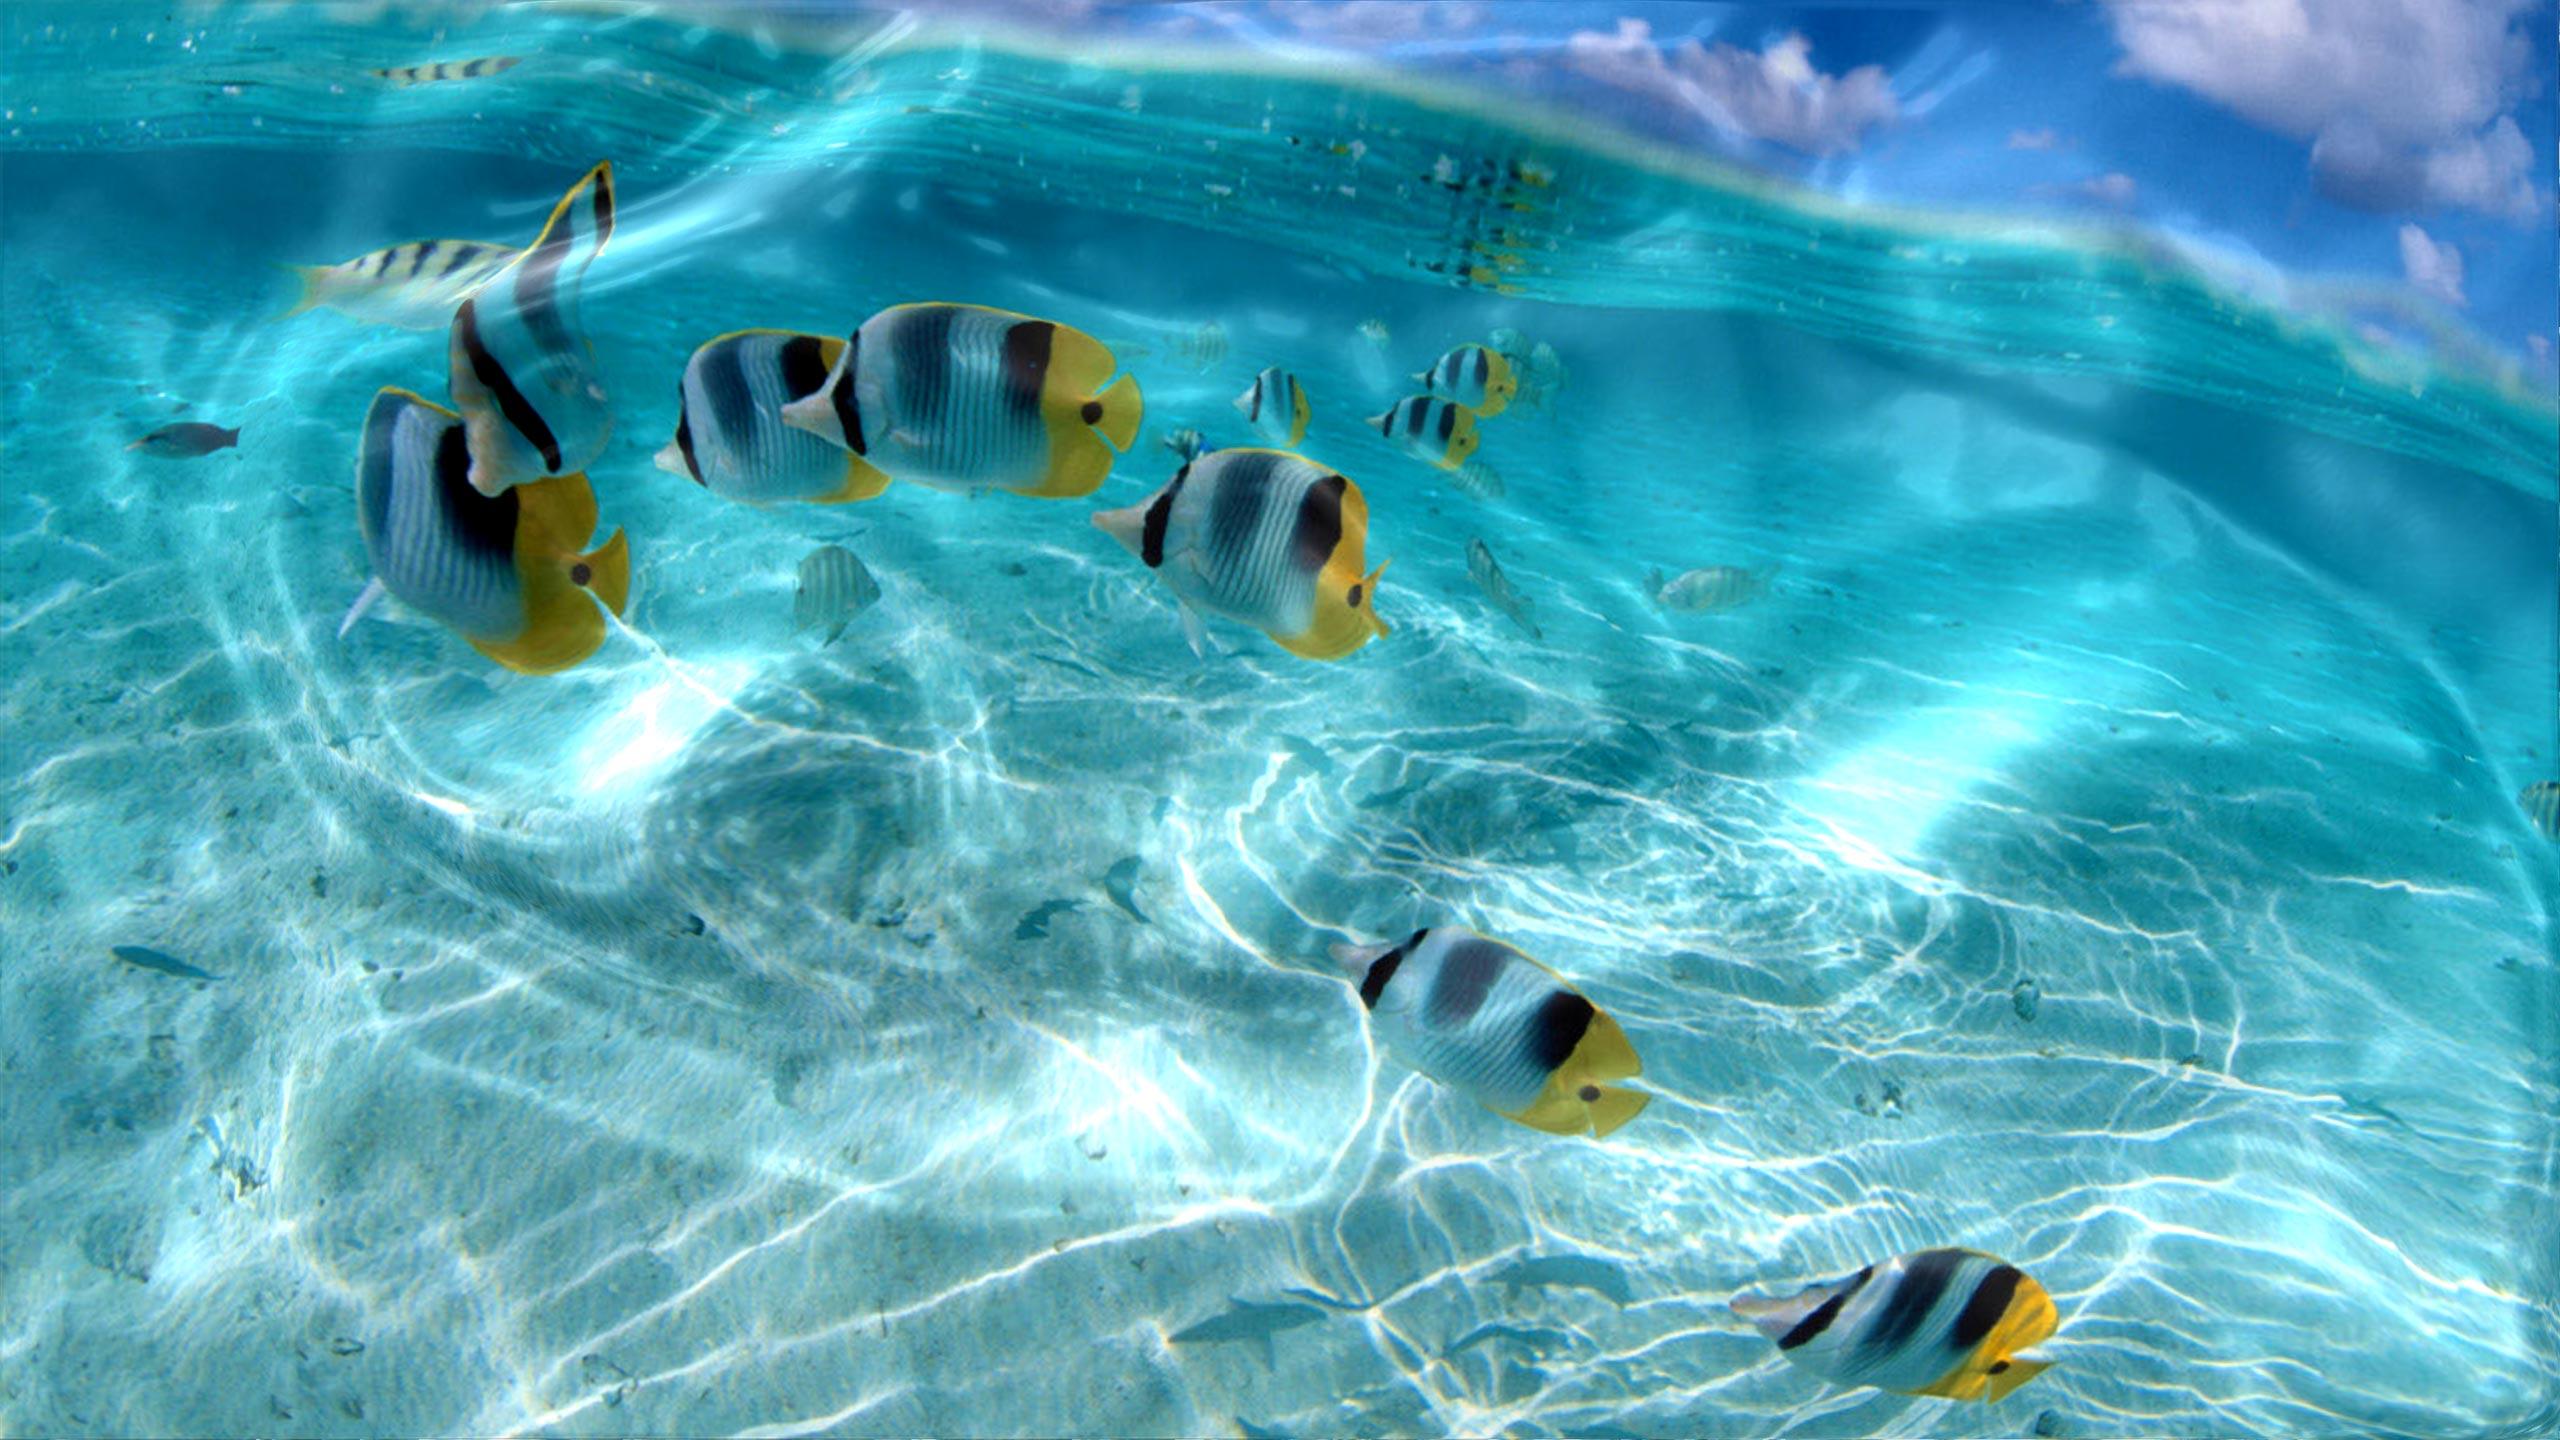 Watery Desktop Animated Wallpaperjpg 2560x1440